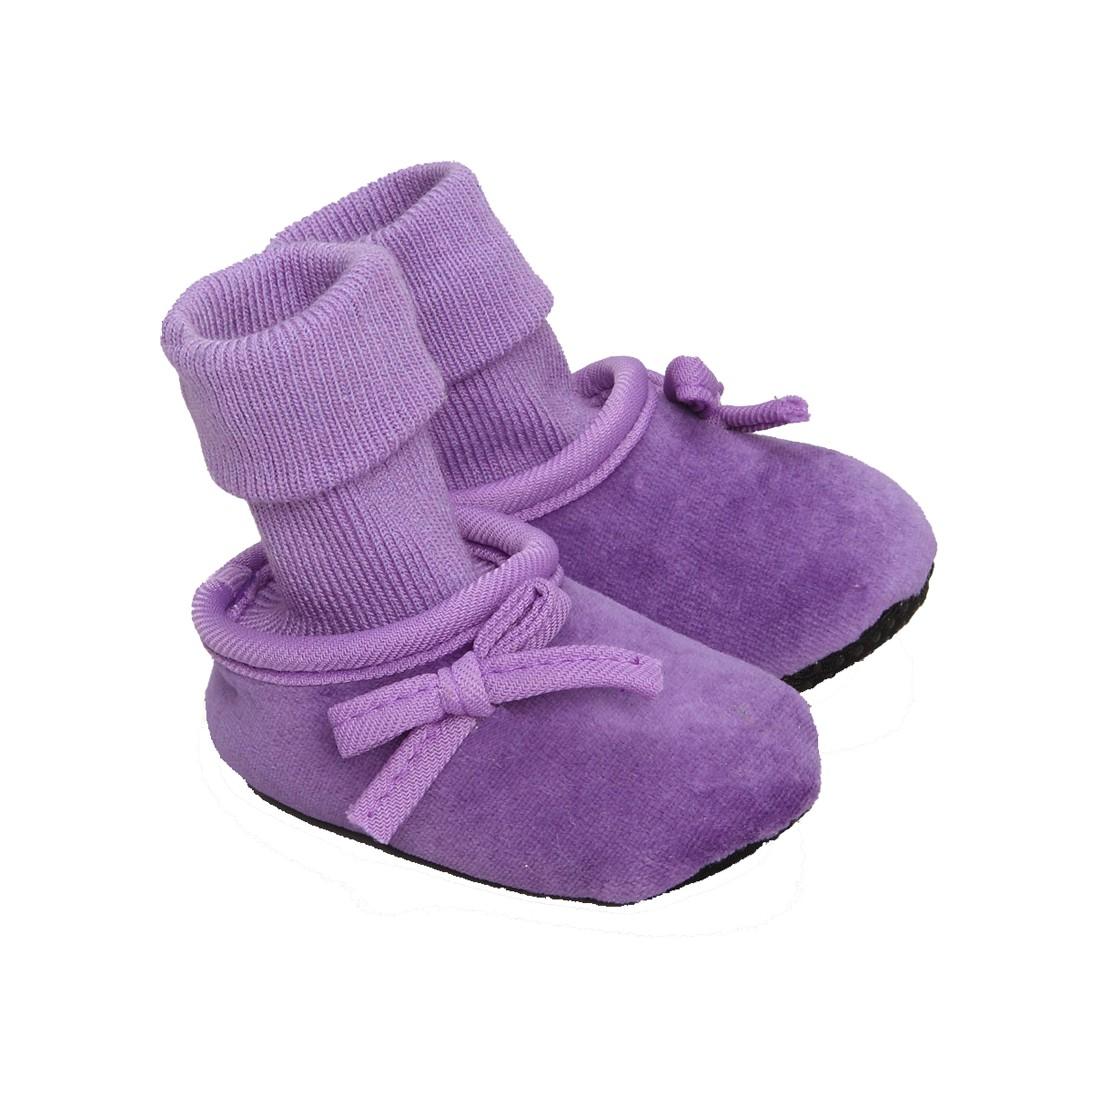 Chaussons-chaussettes bébé fille - Frances